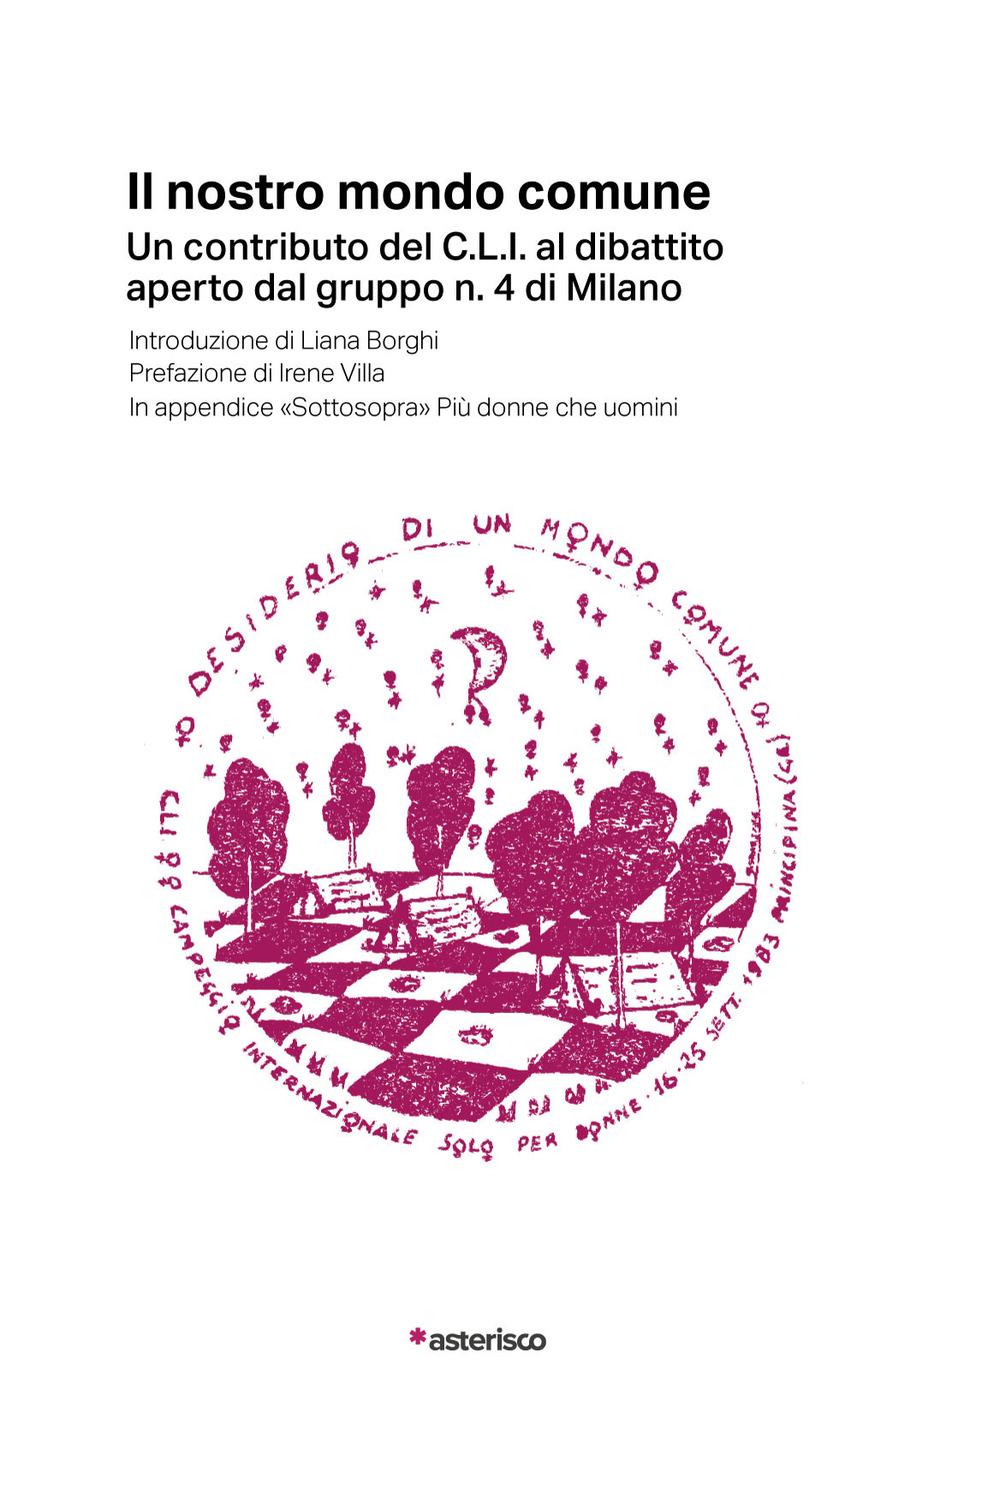 Il nostro mondo comune. Un contributo del C.L.I. al dibattito aperto dal gruppo n. 4 di Milano